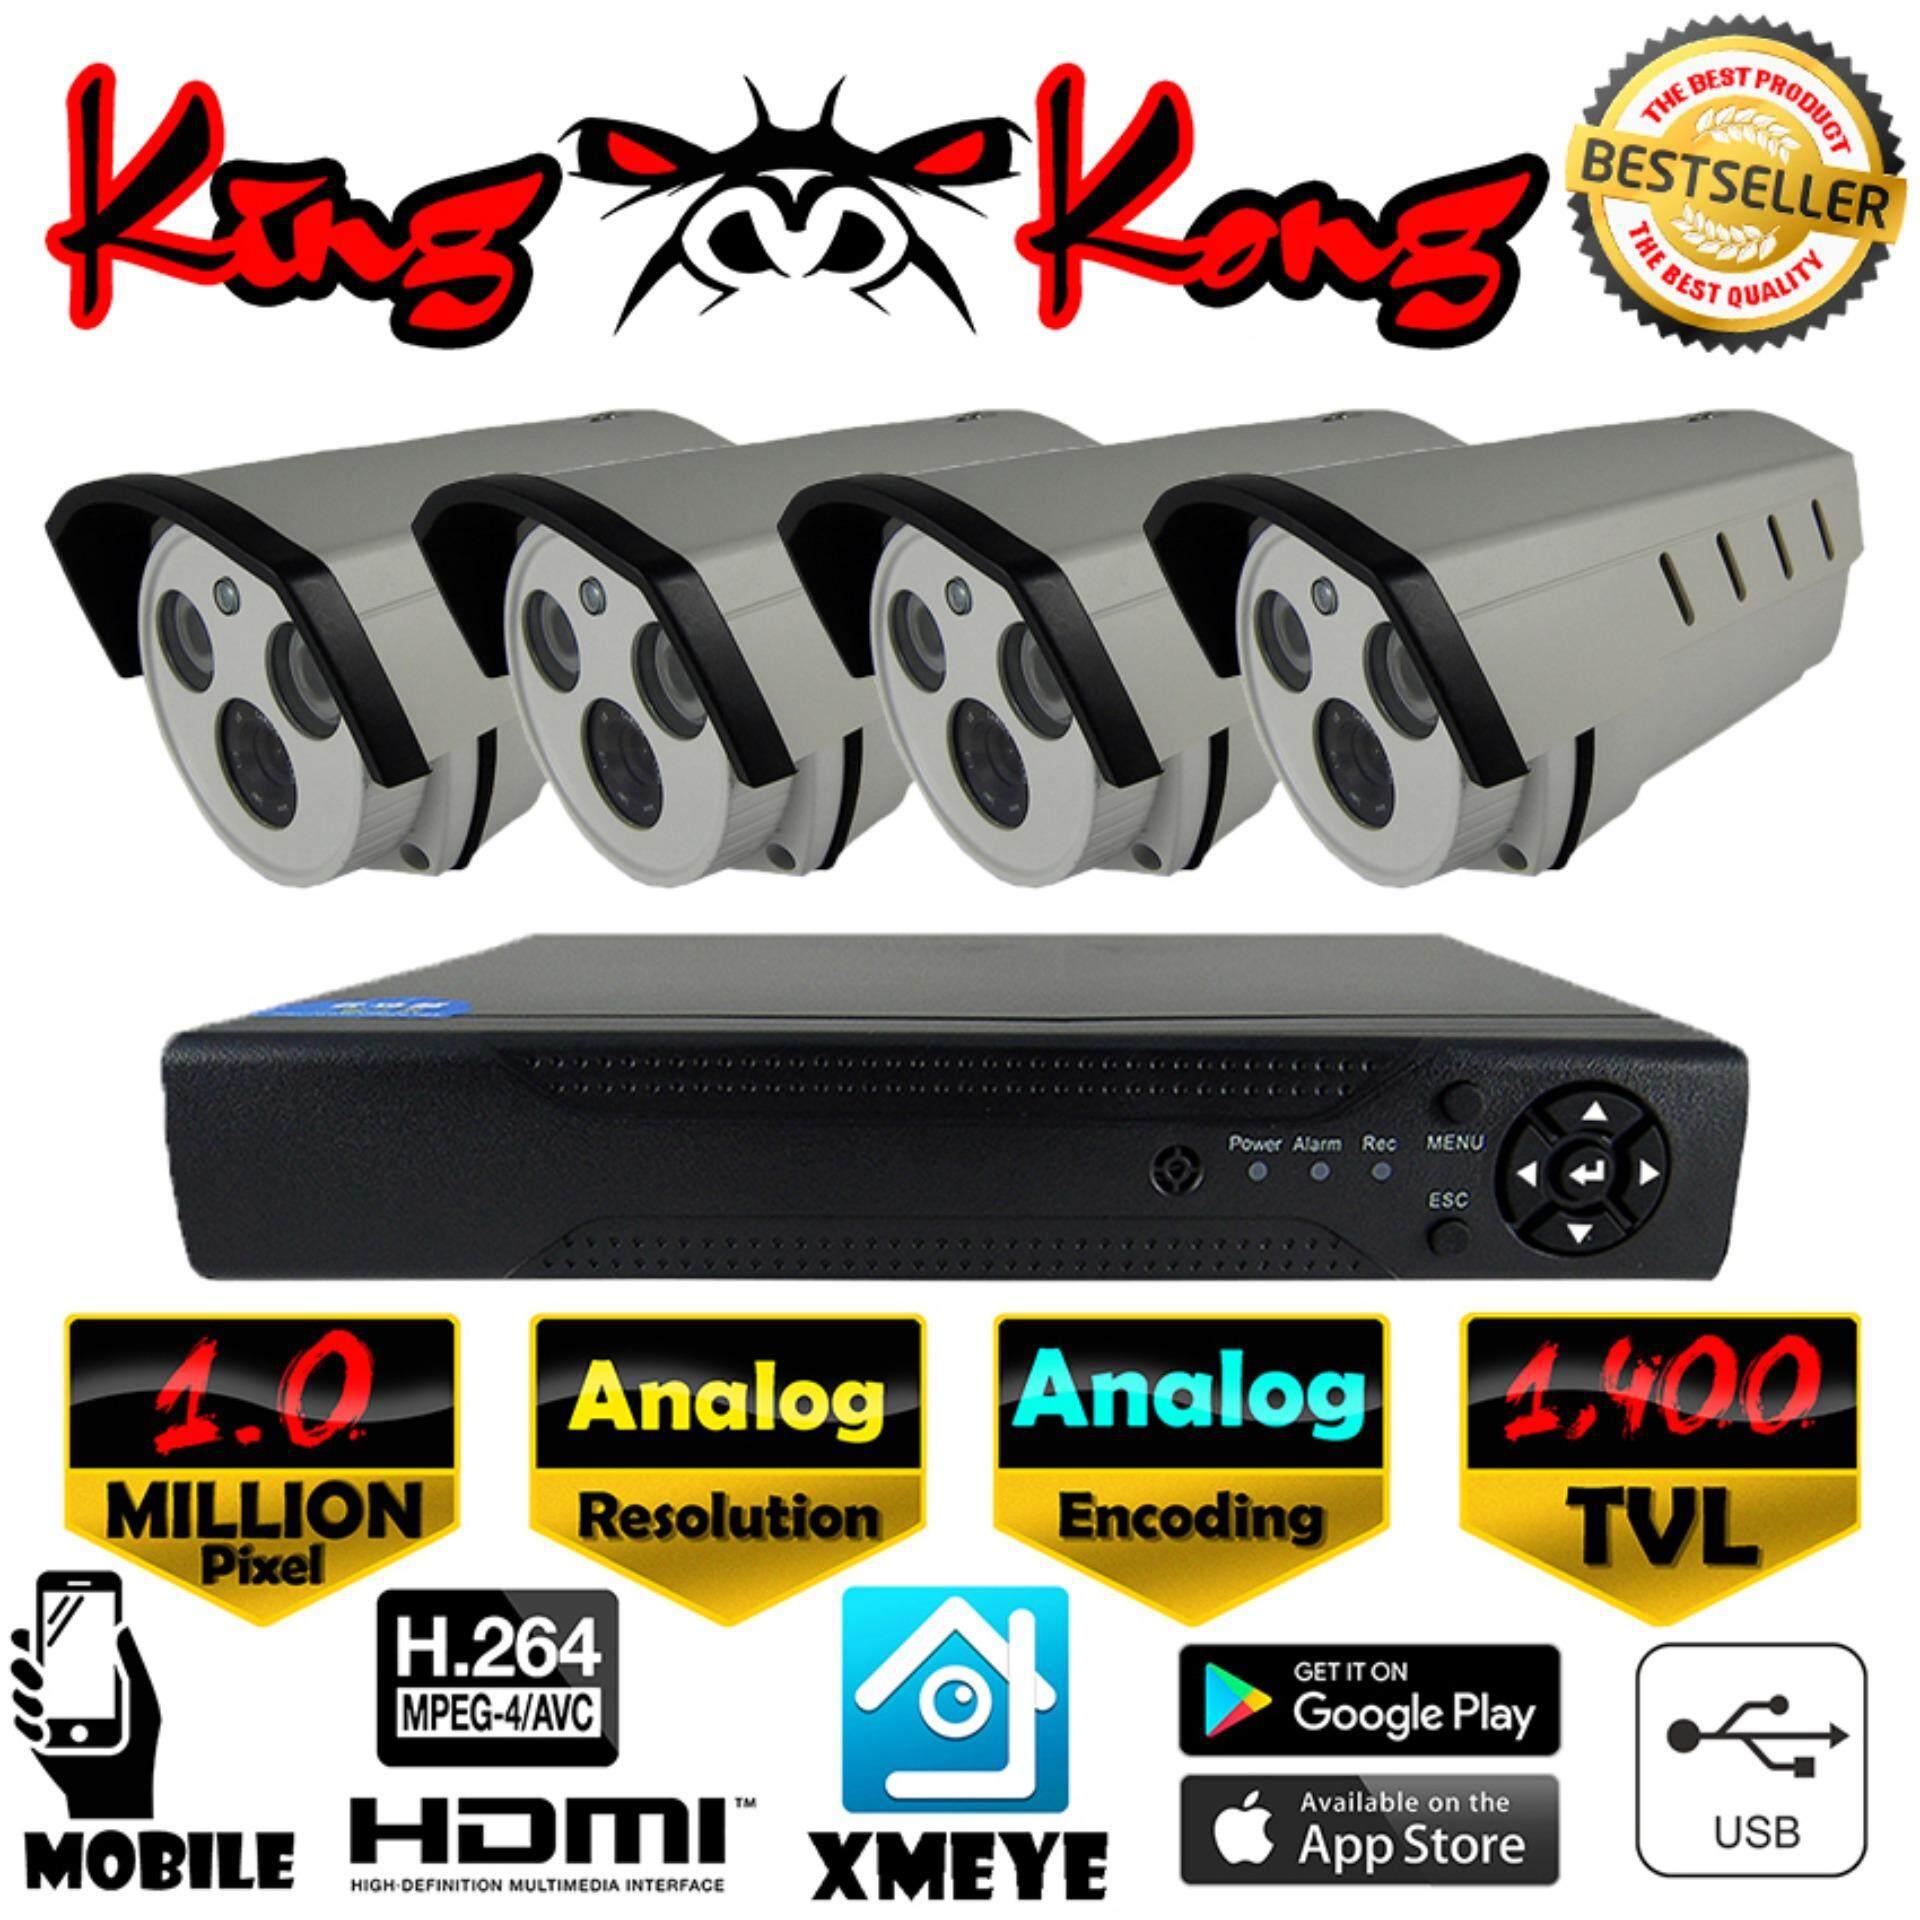 ขายดีที่สุด ชุดกล้องวงจรปิด 4CH CCTV กล้อง Analog 1400 TVL 1.0 MP ทรงกระบอก กล้อง 4ตัว เลนส์ 4mm / IR-Cut / Night Vision / Day&Night / Water Proof พร้อมเครื่องบันทึก 4CH Analog 960H DVR Digital Video Recording ฟรีอะแดปเตอร์ และขายึดกล้อง ต้องแนะนำ